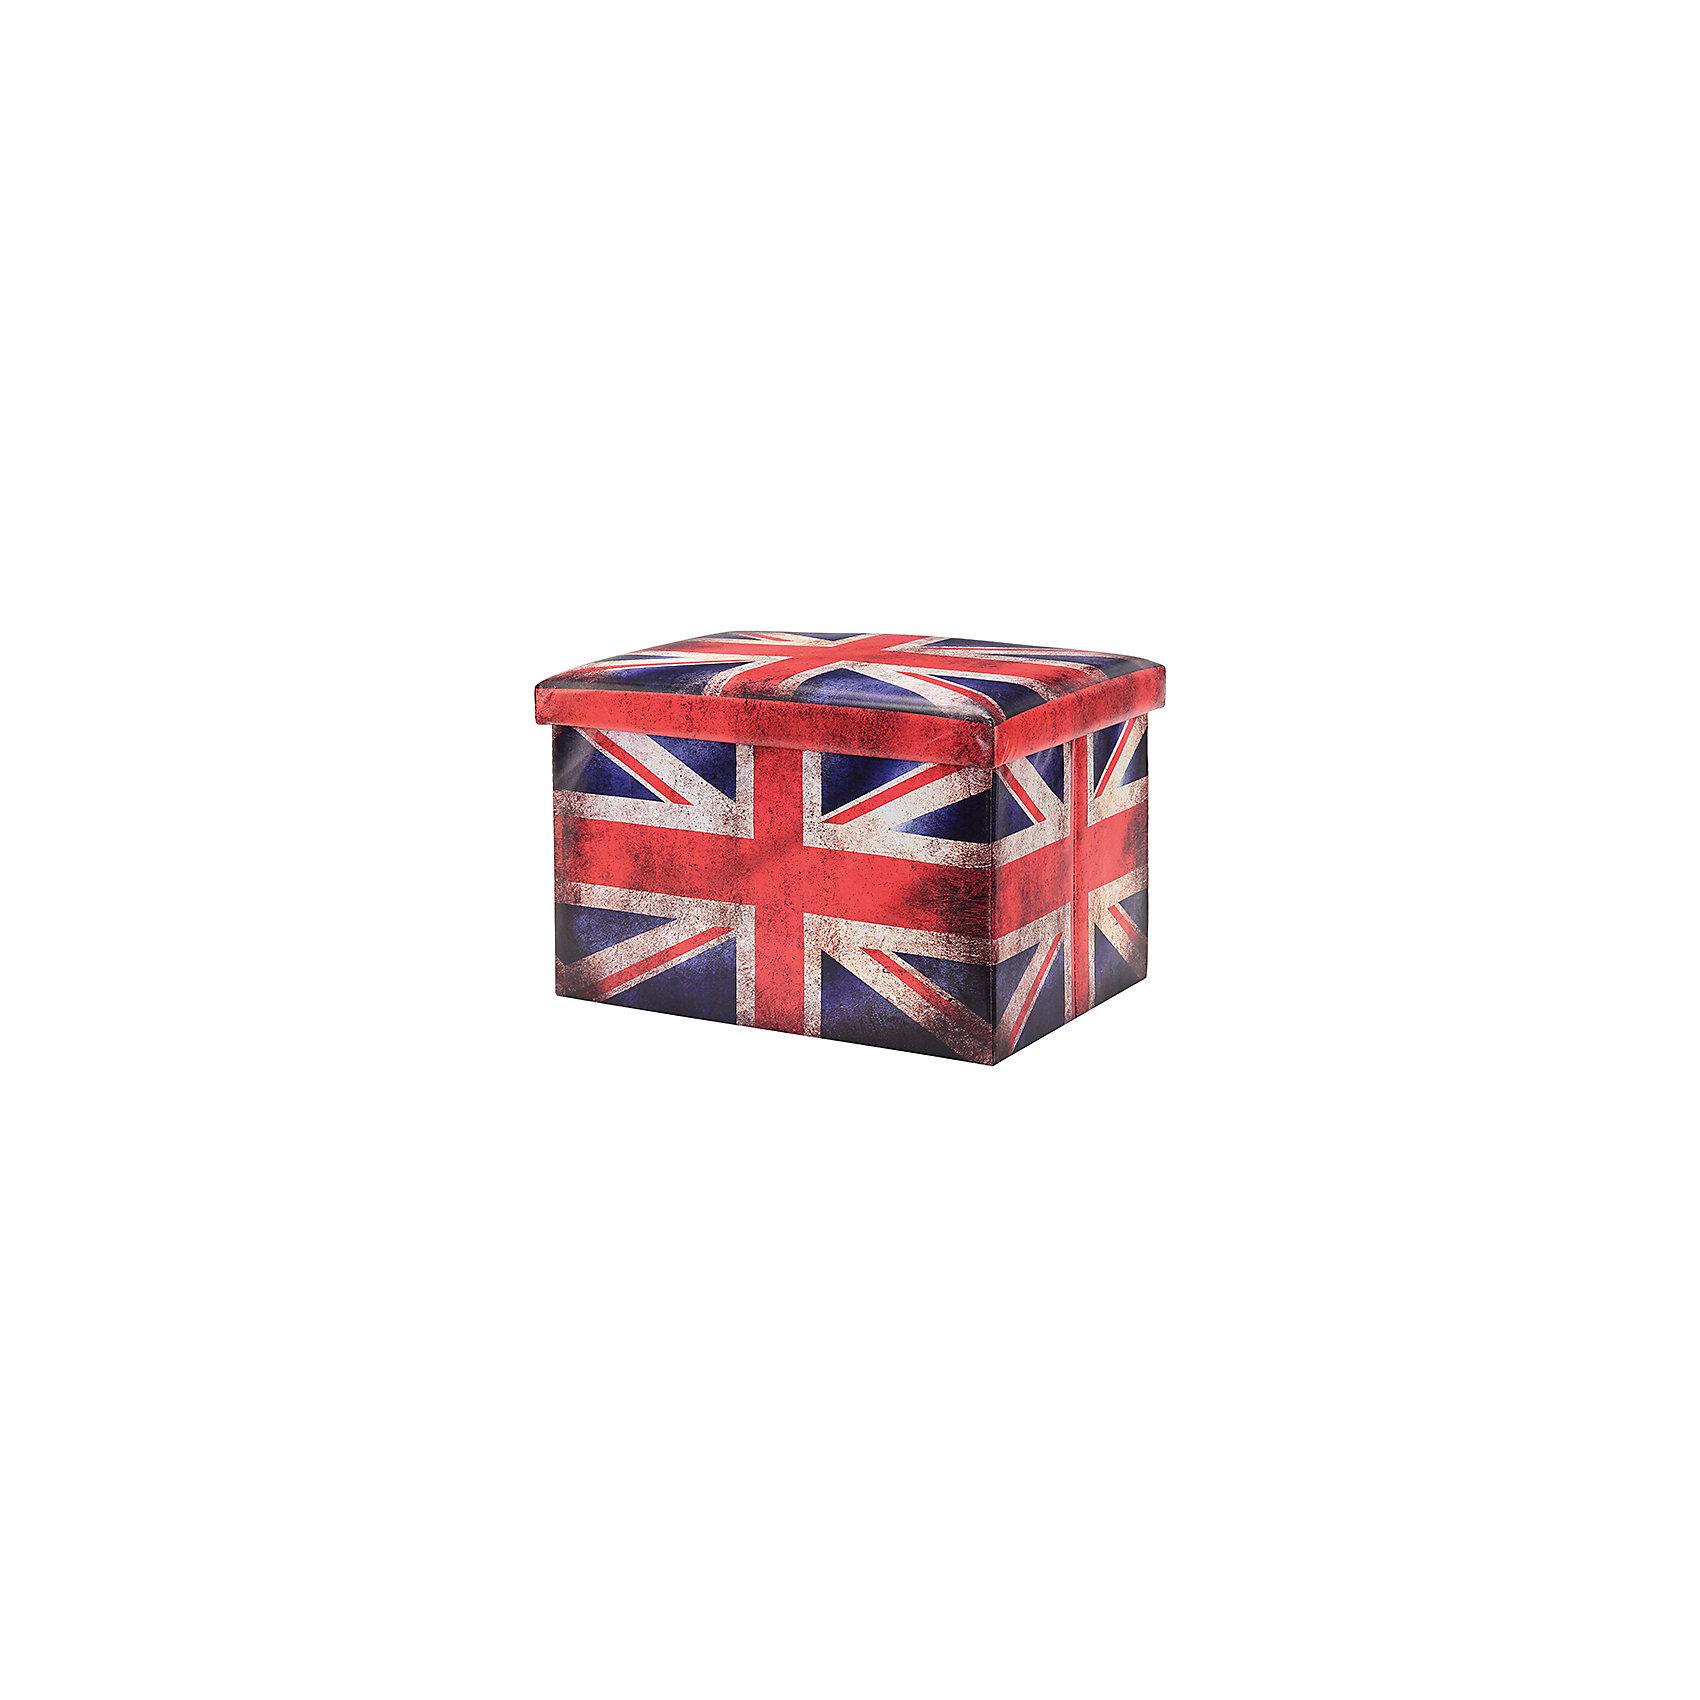 Пуф складной с ящиком для хранения 48*31*31 см. Британский флаг, EL CasaПорядок в детской<br>Характеристики товара:<br><br>• цвет: мульти<br>• материал: МДФ, экокожа<br>• размер: 48 х 31 х 31 см<br>• вес: 1000 г<br>• легко складывается<br>• декорирован принтом<br>• с ящиком для хранения<br>• удобный<br>• вместительный<br>• универсальный размер<br>• страна бренда: Российская Федерация<br>• страна производства: Китай<br><br>Такой пуф - отличный пример красивой и функциональной вещи для любого интерьера. В нем удобной хранить различные мелочи, благодаря универсальному дизайну и расцветке он хорошо будет смотреться в помещении.<br><br>Пуф для хранения может стать отличным приобретением для дома или подарком для любителей красивых оригинальных вещей.<br><br>Бренд EL Casa - это красивые и практичные товары для дома с современным дизайном. Они добавляют в жильё уюта и комфорта! <br><br>Пуф складной с ящиком для хранения 48*31*31 см. Британский флаг, EL Casa можно купить в нашем интернет-магазине.<br><br>Ширина мм: 480<br>Глубина мм: 310<br>Высота мм: 60<br>Вес г: 2375<br>Возраст от месяцев: 0<br>Возраст до месяцев: 1188<br>Пол: Унисекс<br>Возраст: Детский<br>SKU: 6668688